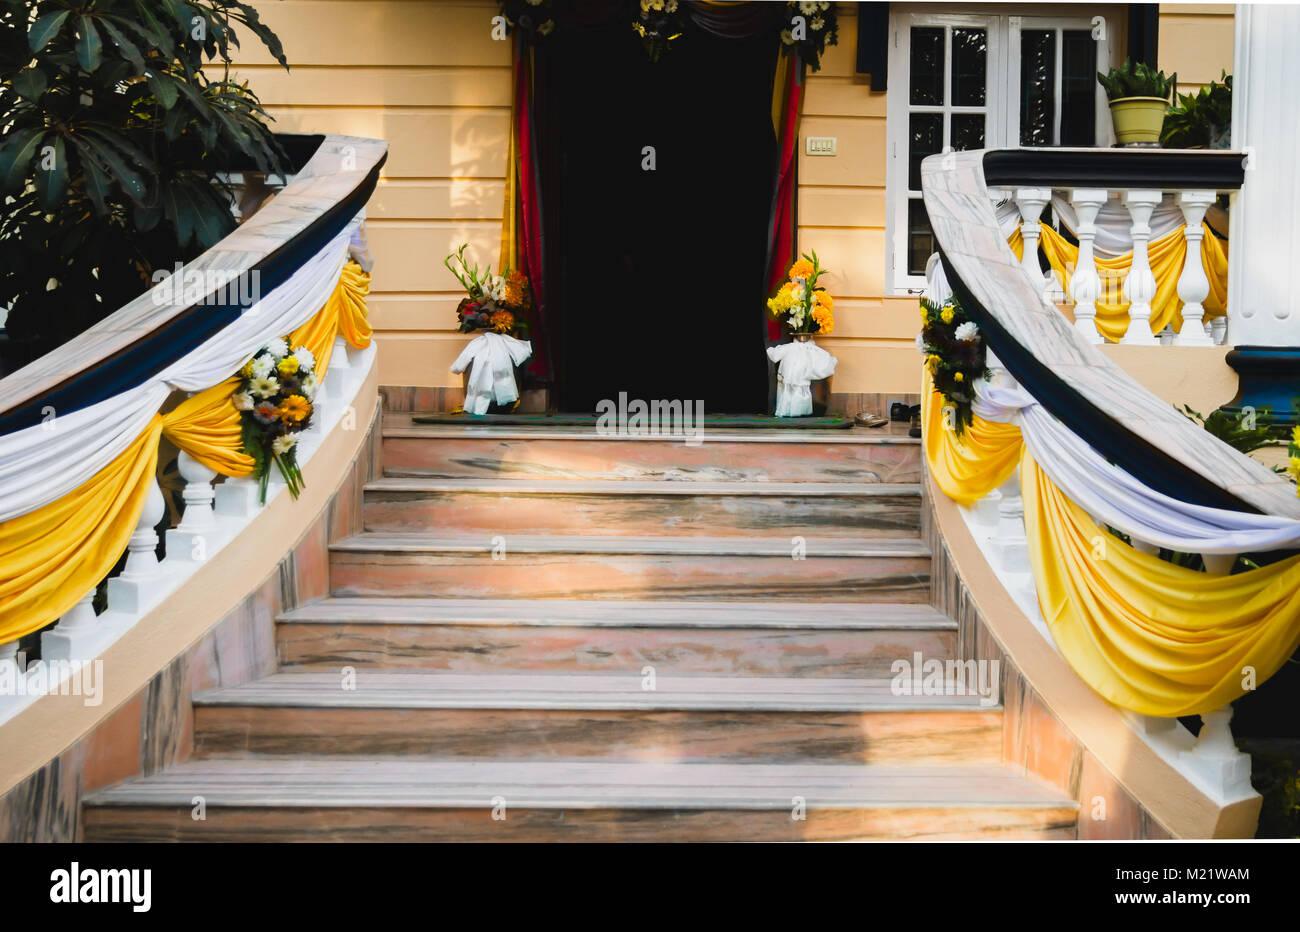 Eingangstur Des Hauses Bereit Fur Die Hochzeit Mit Bunten Dekoration